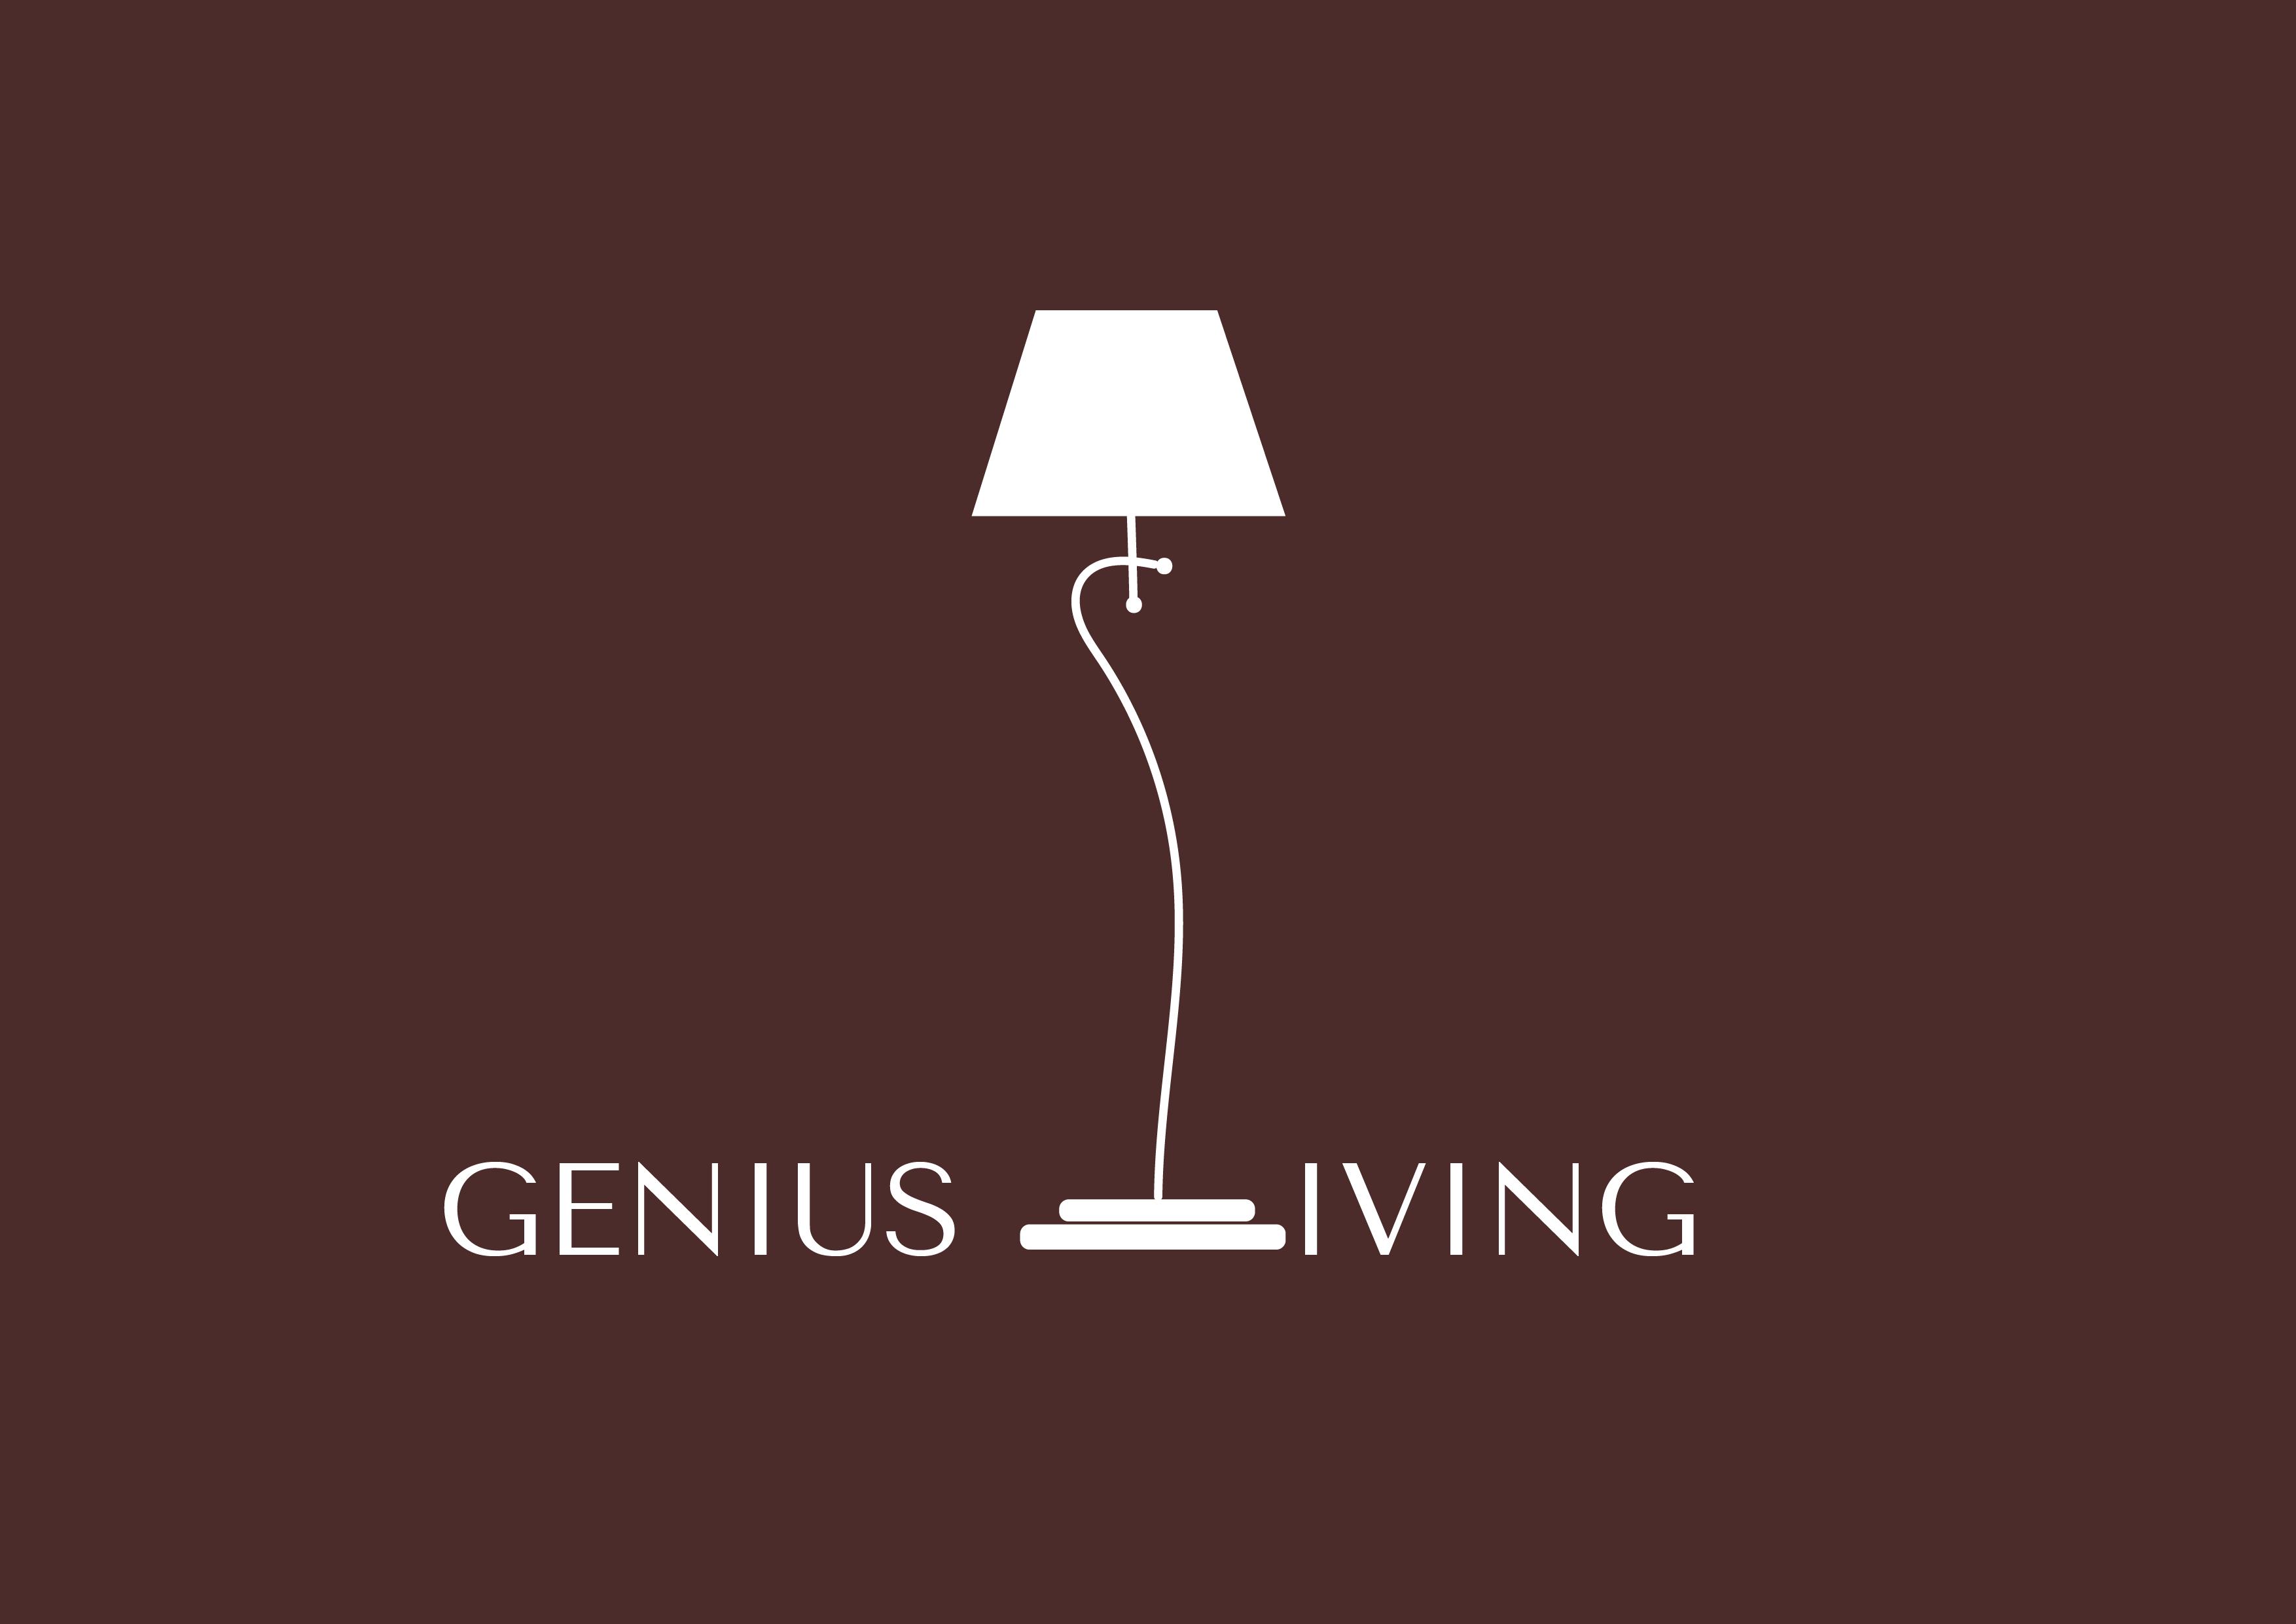 GENIUS LIVING LTD